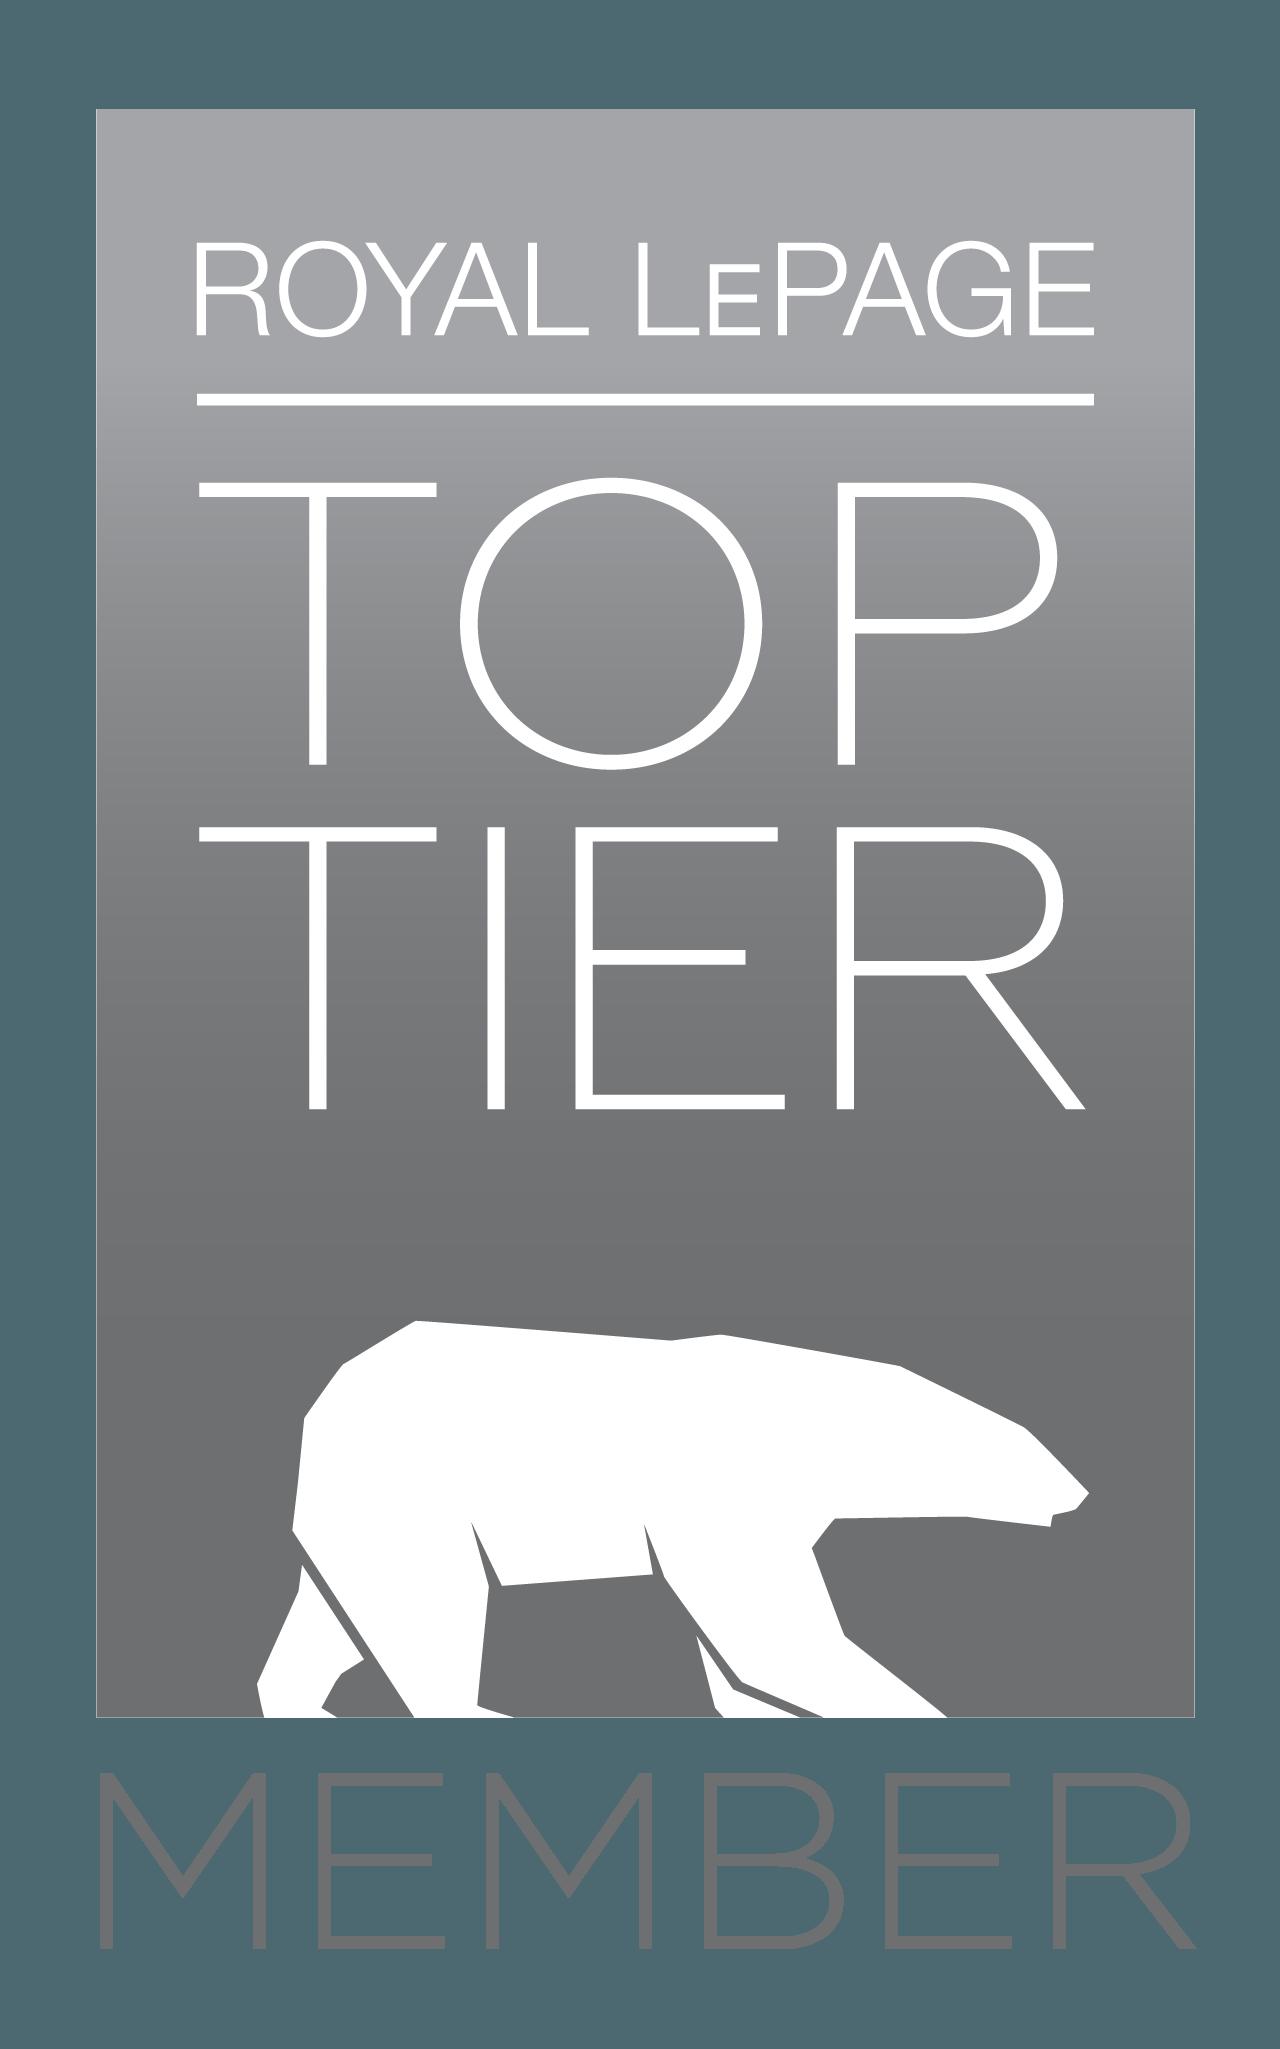 Top Tier Member